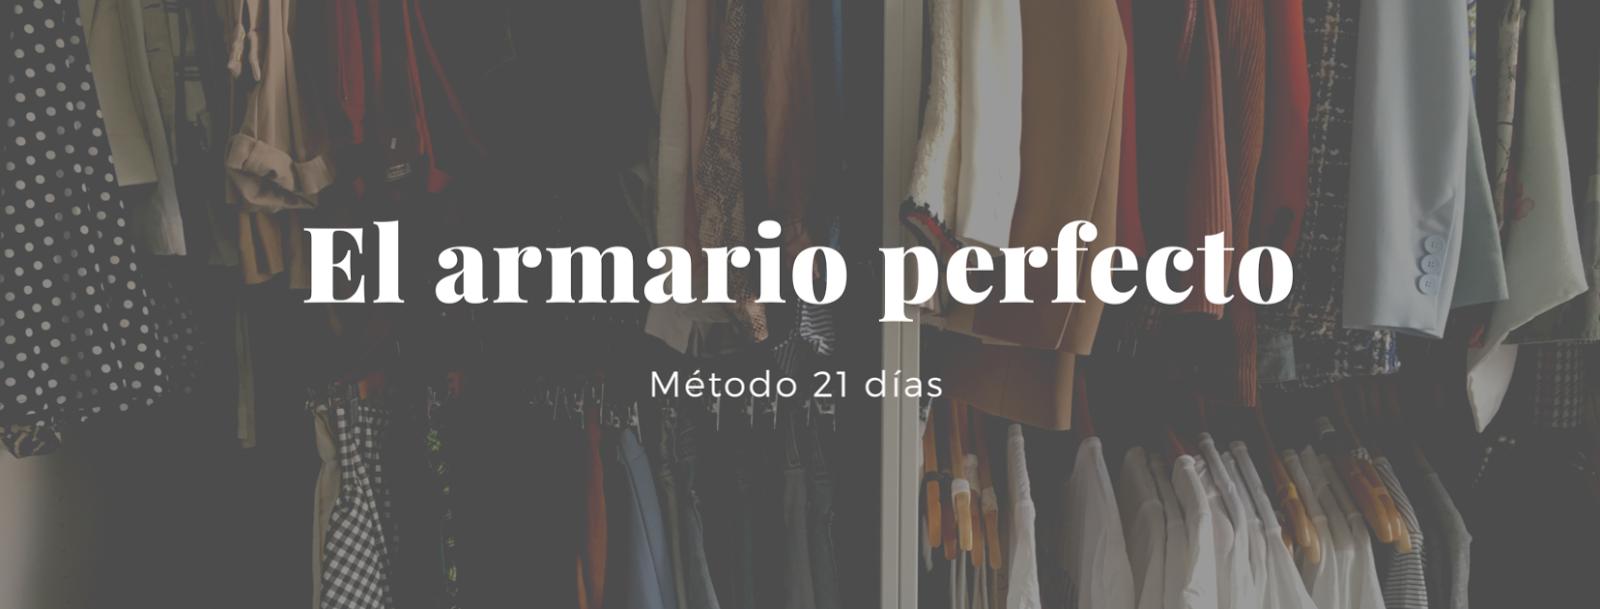 21 días para crear el armario perfecto, jeans